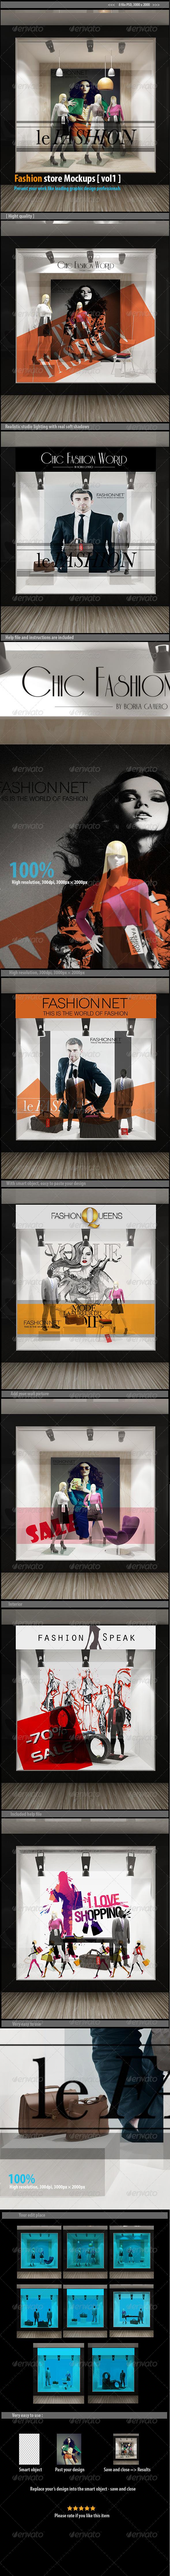 GraphicRiver Fashion sotre mockups [vol1] 7943291